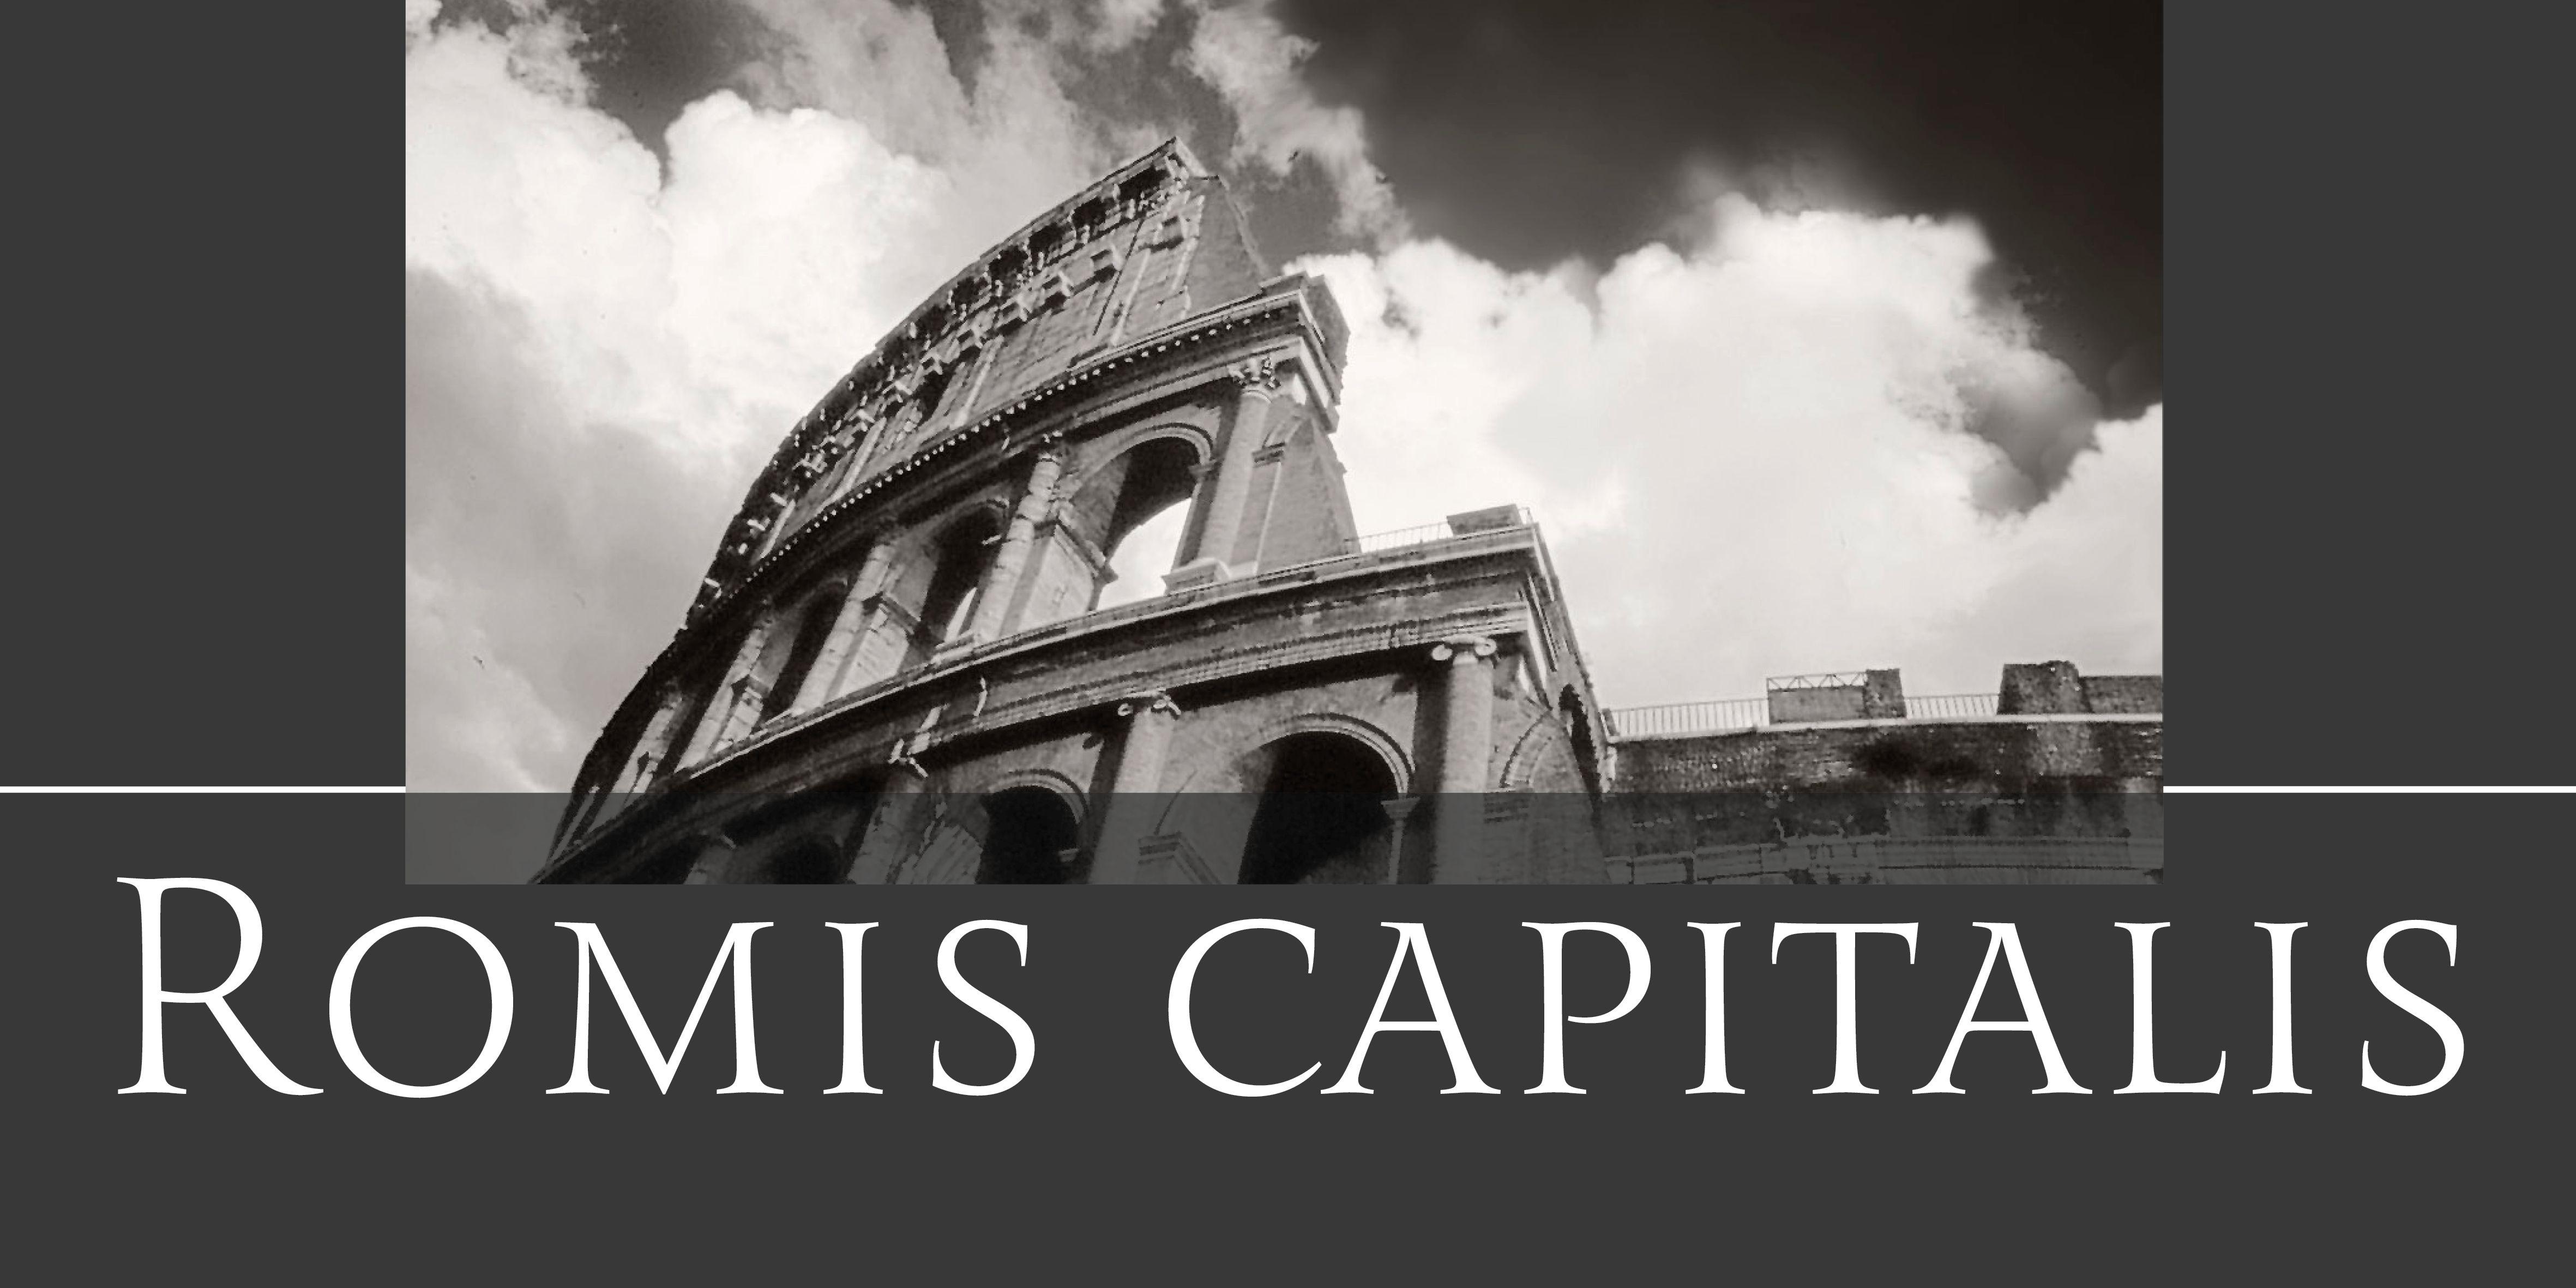 Romis Schriftzug vor dem Colosseum